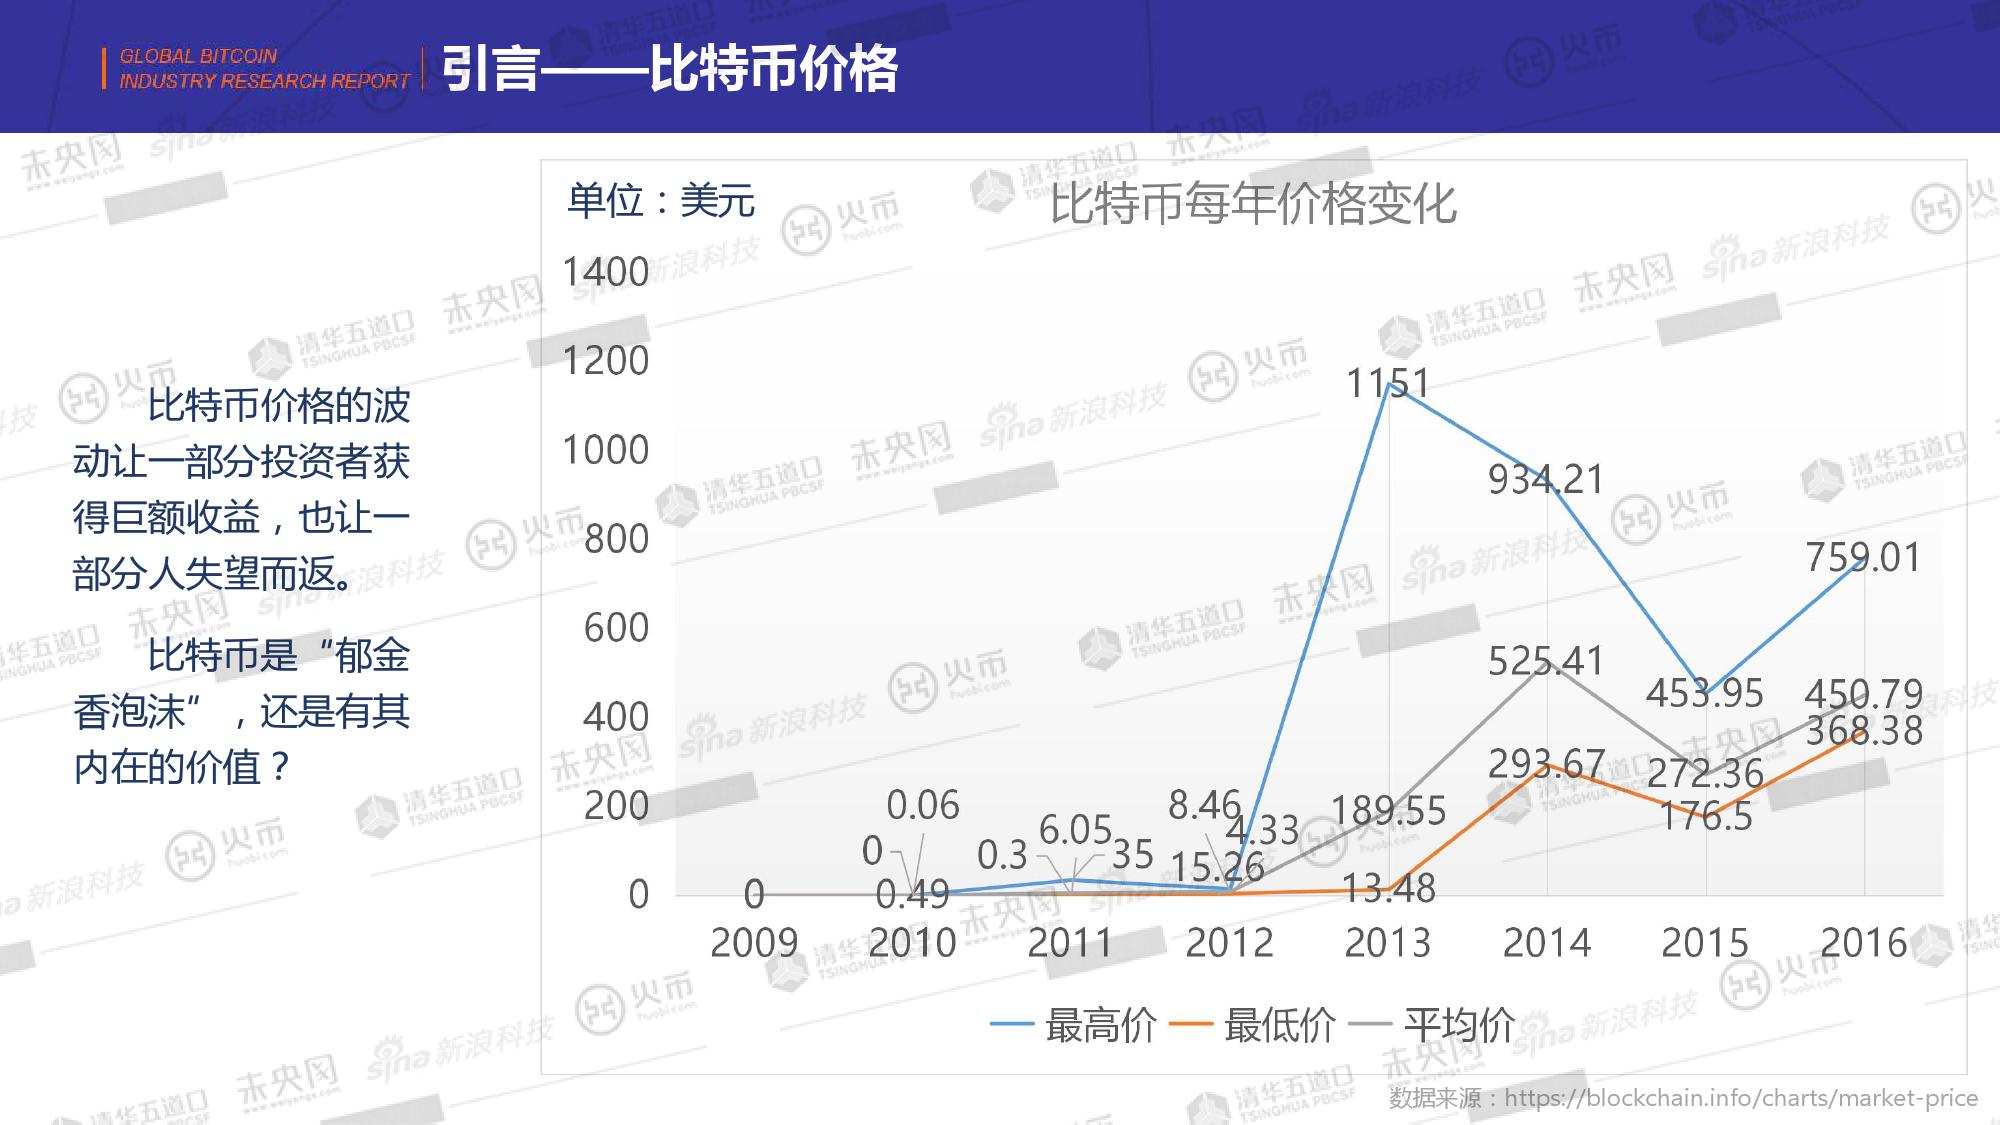 未央研究:2014-2016年全球比特币发展研究报告-09大数据